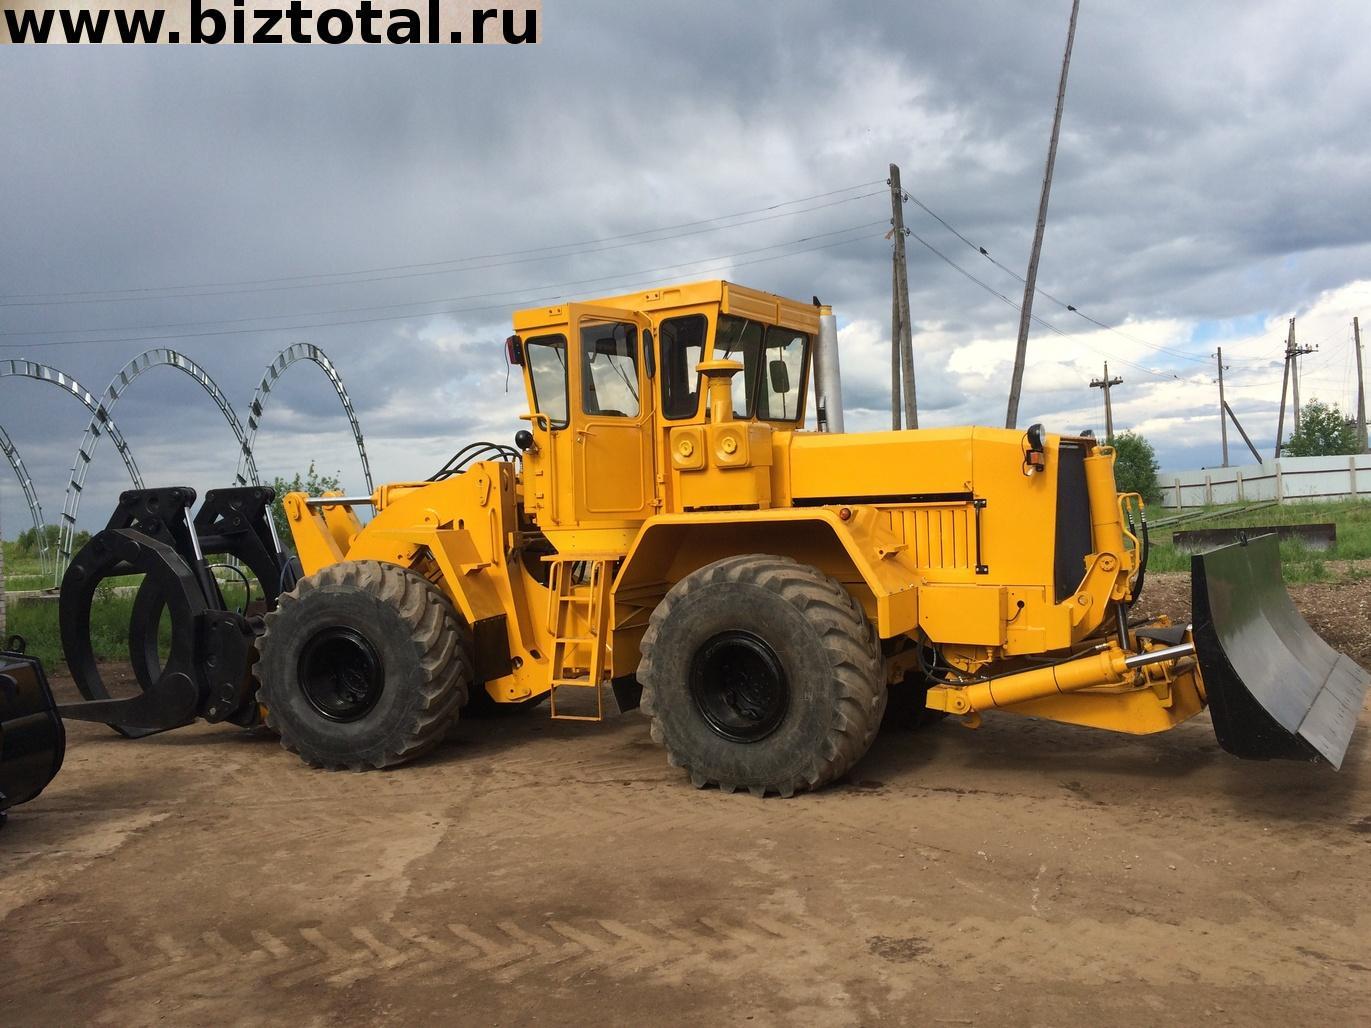 Трактор Кировец К-701 после капремонта